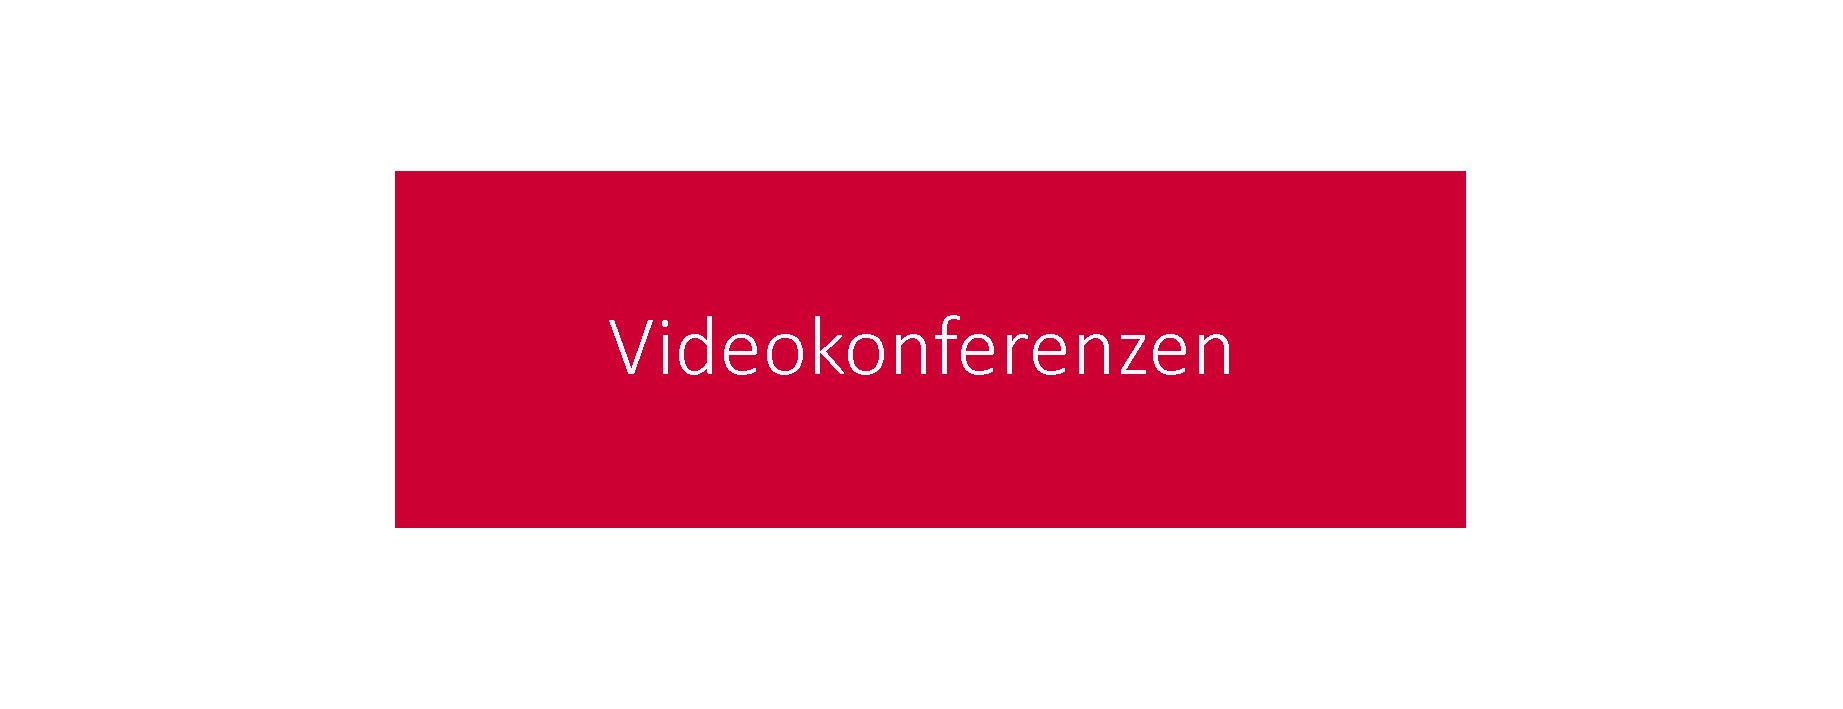 Standortunabhängige Videokonferenzen, Konferenzsysteme Microsoft Teams